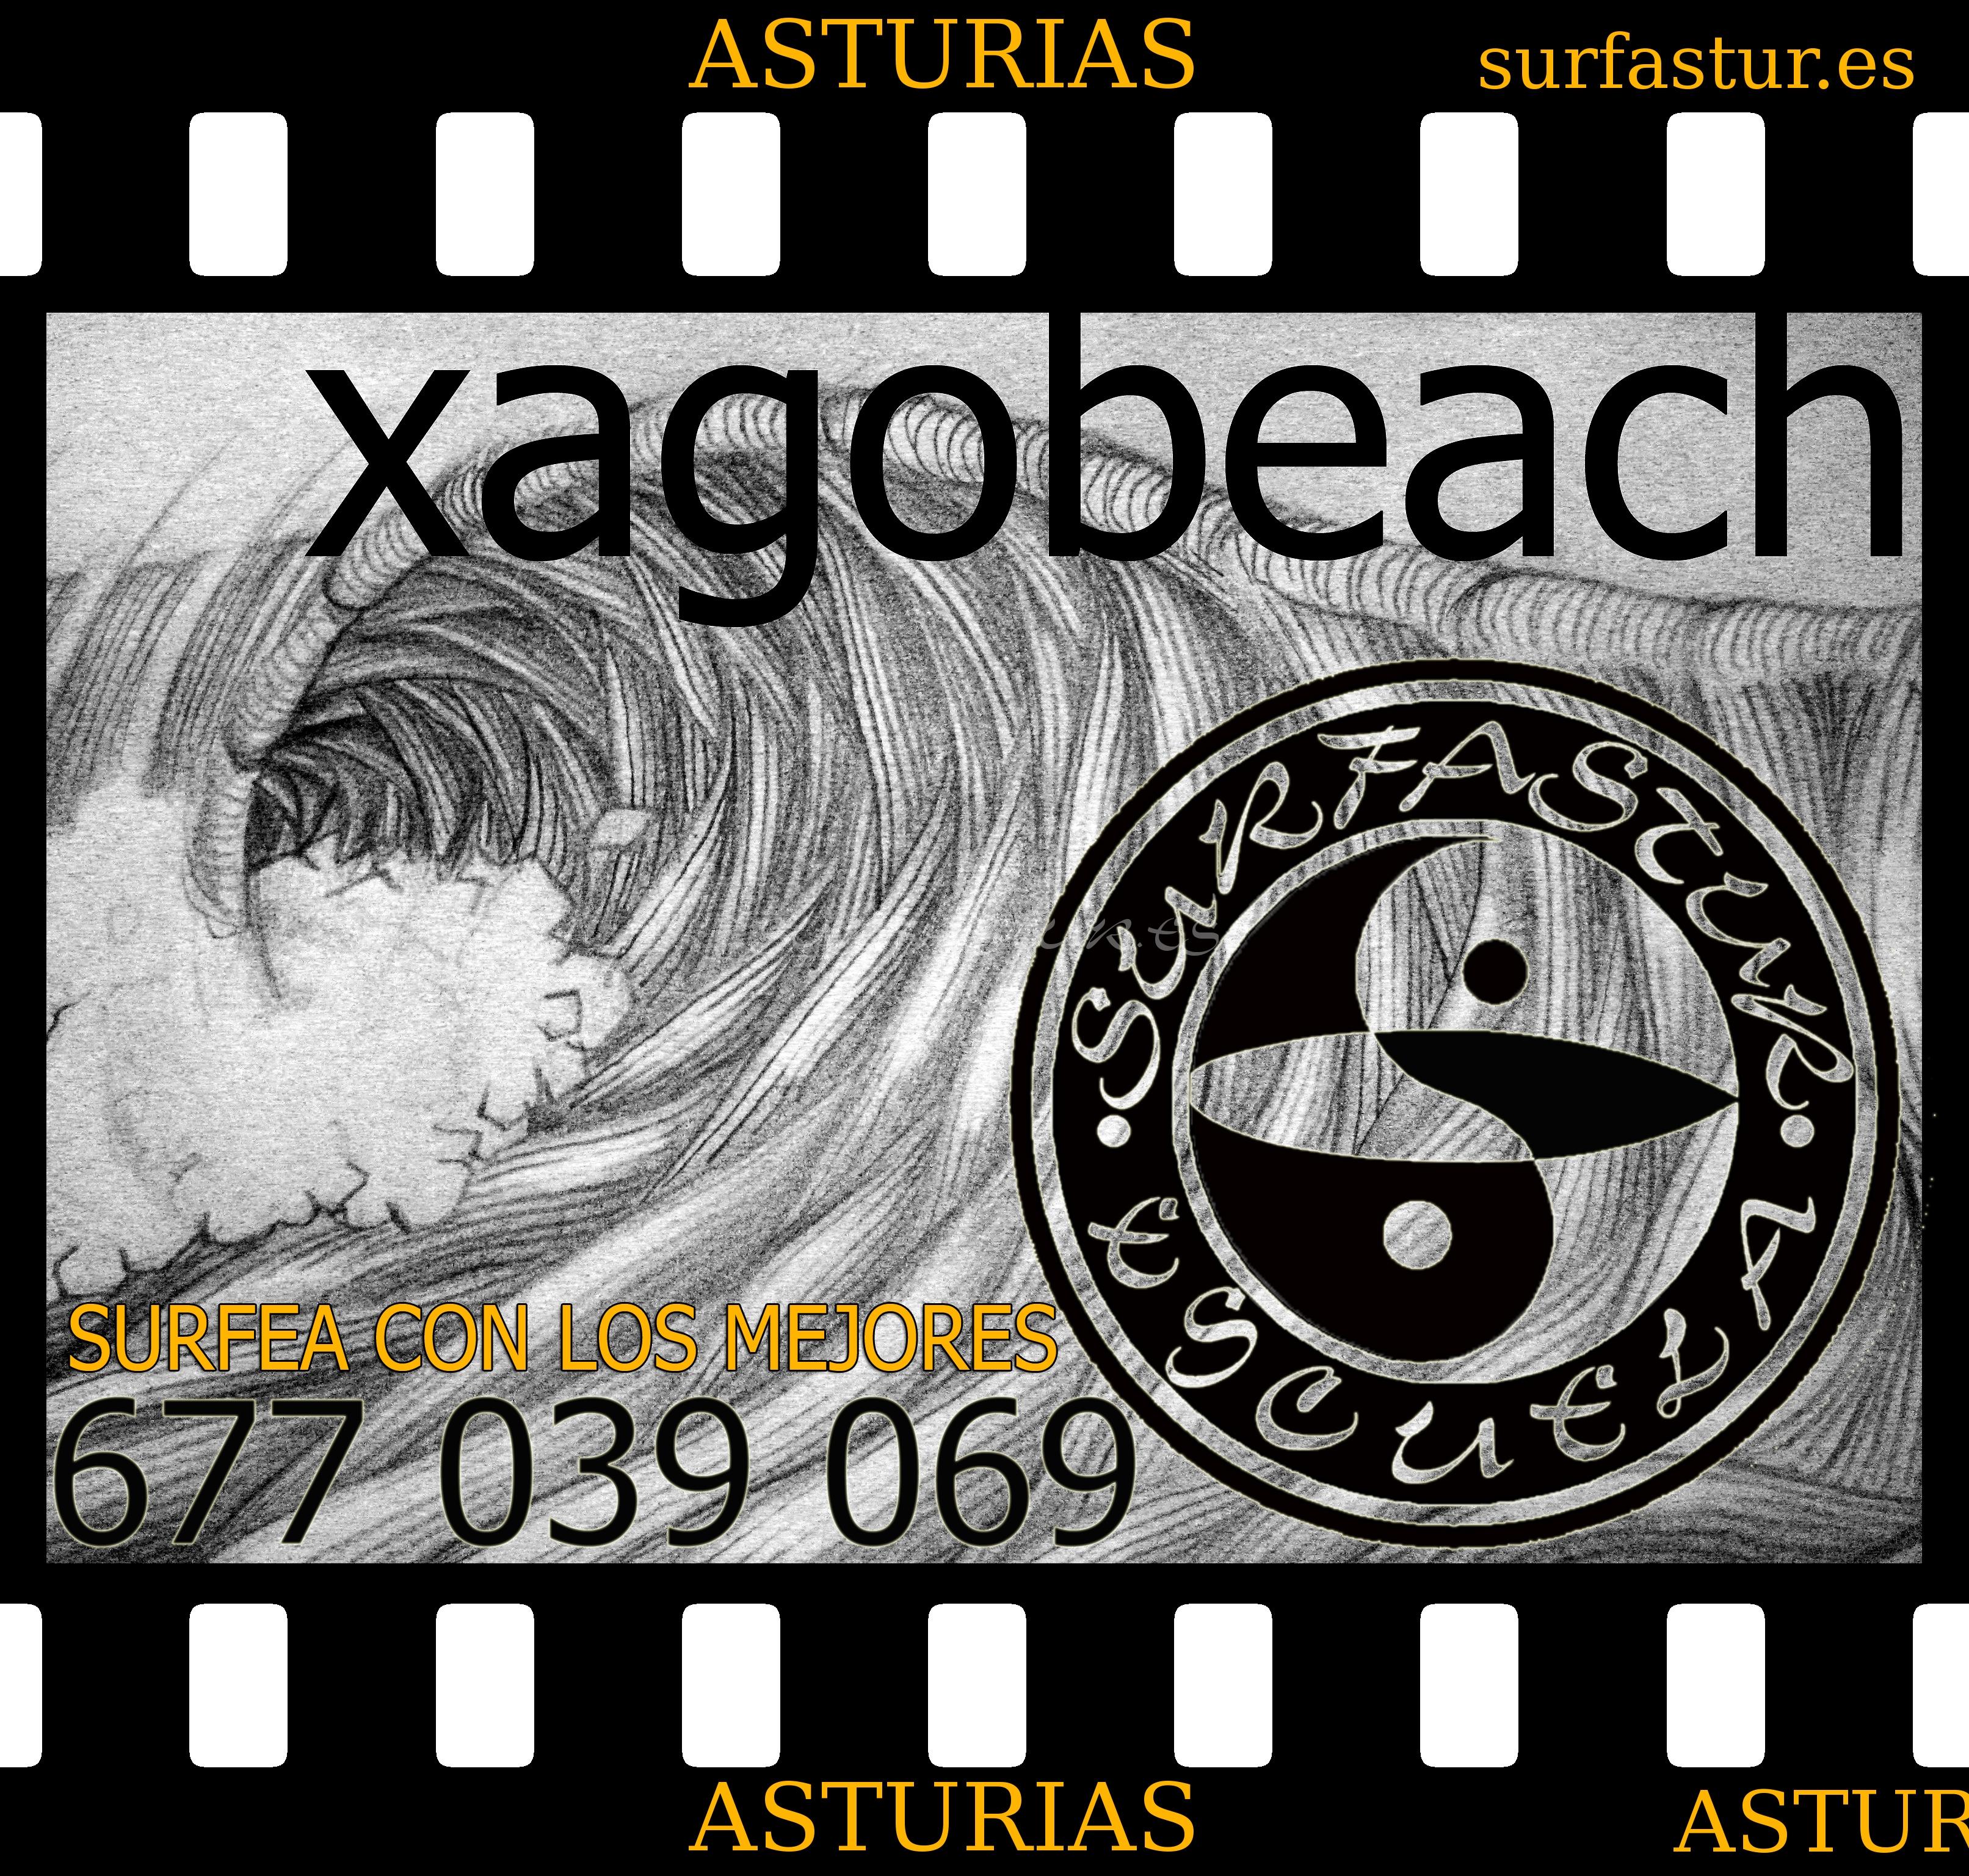 ¡ APUNTATE YA, A LA ESCUELA SURFASTUR !, TE ENSEÑAMOS A SURFEAR, A MEJORAR LA TECNICA Y A PERFECCIONAR TU SURF… CONOCE EL FUNCIONAMIENTO DE LAS OLAS POR TODAS LAS PLAYAS DE LA REGION. TENEMOS LA SEDE EN LA PLAYA DE XAGÓ. COMIENZAN LOS CURSOS PARA INICIARSE EN EL MUNDO DEL SURF, PARA TODAS LAS EDADES. SEGURO DE RESPONSABILIDAD CIVIL Y ACCIDENTES. MATERIAL NECESARIO PARA LA PRACTICA DEL DEPORTE. MONITORES CON VIGILANCIA PERMANENTE. DISFRUTA DEL SURF, CON LA ESCUELA SURFASTUR. CURSO DE INICIACION……………………….7 DIAS CURSO DE PERFECCIONAMIENTO………1 MES ( POR SEMANA O FINES DE SEMANA ) NOS ADAPTAMOS A TU HORARIO……………LOS PRECIOS MAS ECONOMICOS DE ASTURIAS. TELF……………………….677 039 069 UN SALUDO A TODOS. MUY ATENTAMENTE…………D. PABLO ARES.